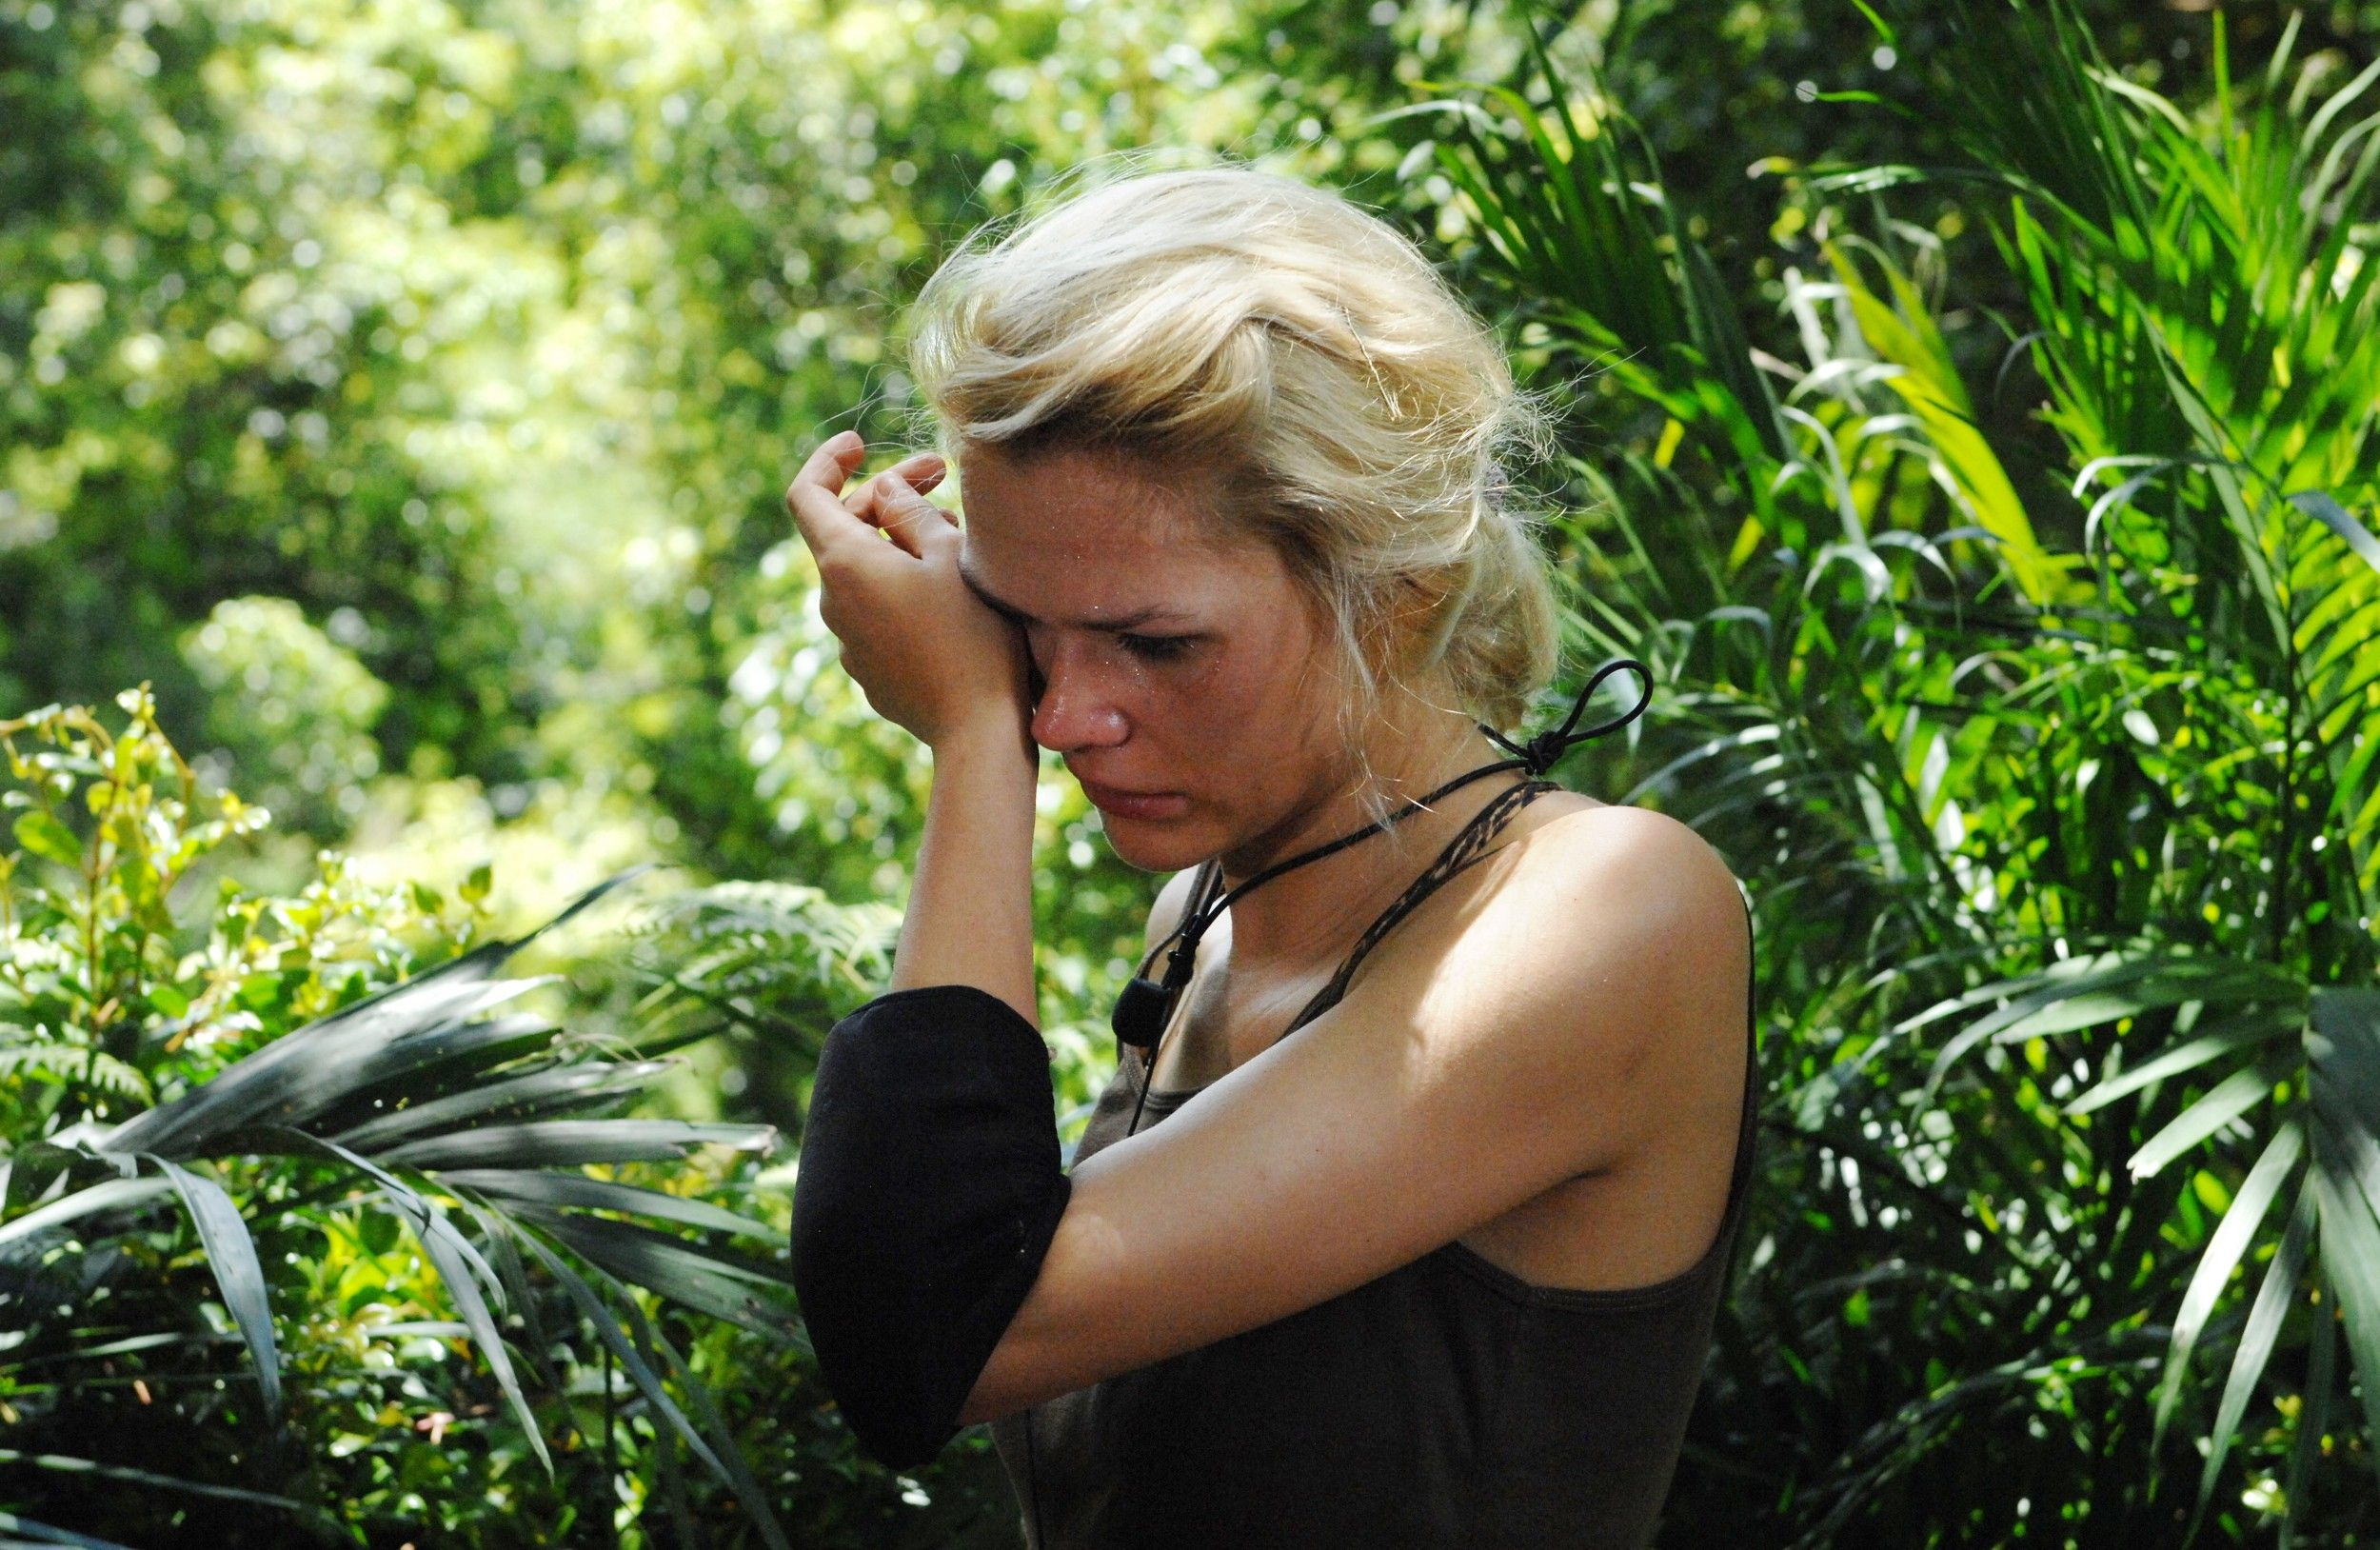 Dschungel-Sara